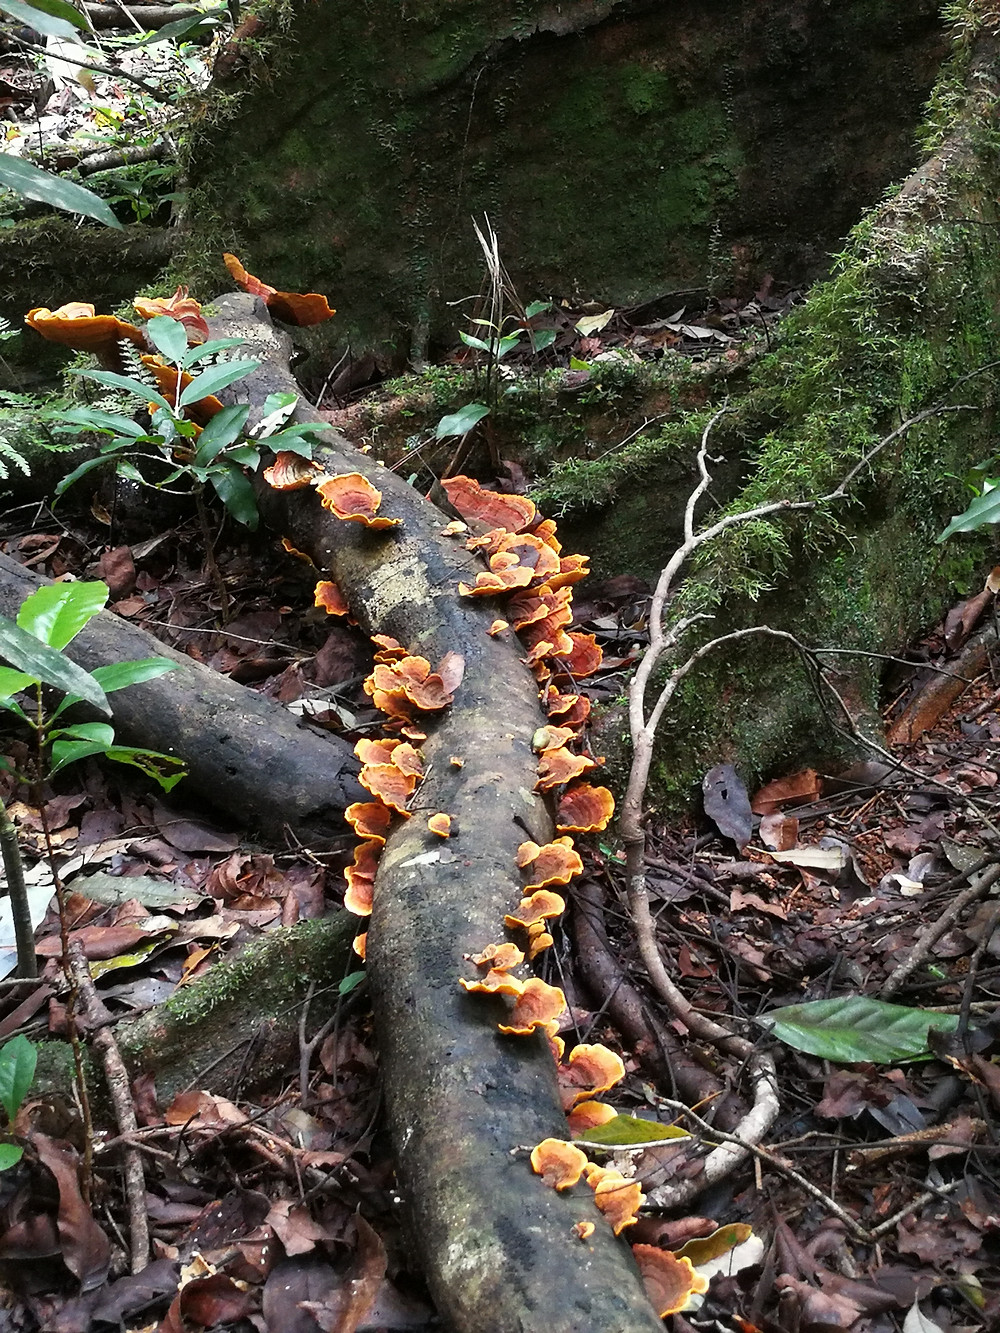 Mushroom growing on dead tree barks